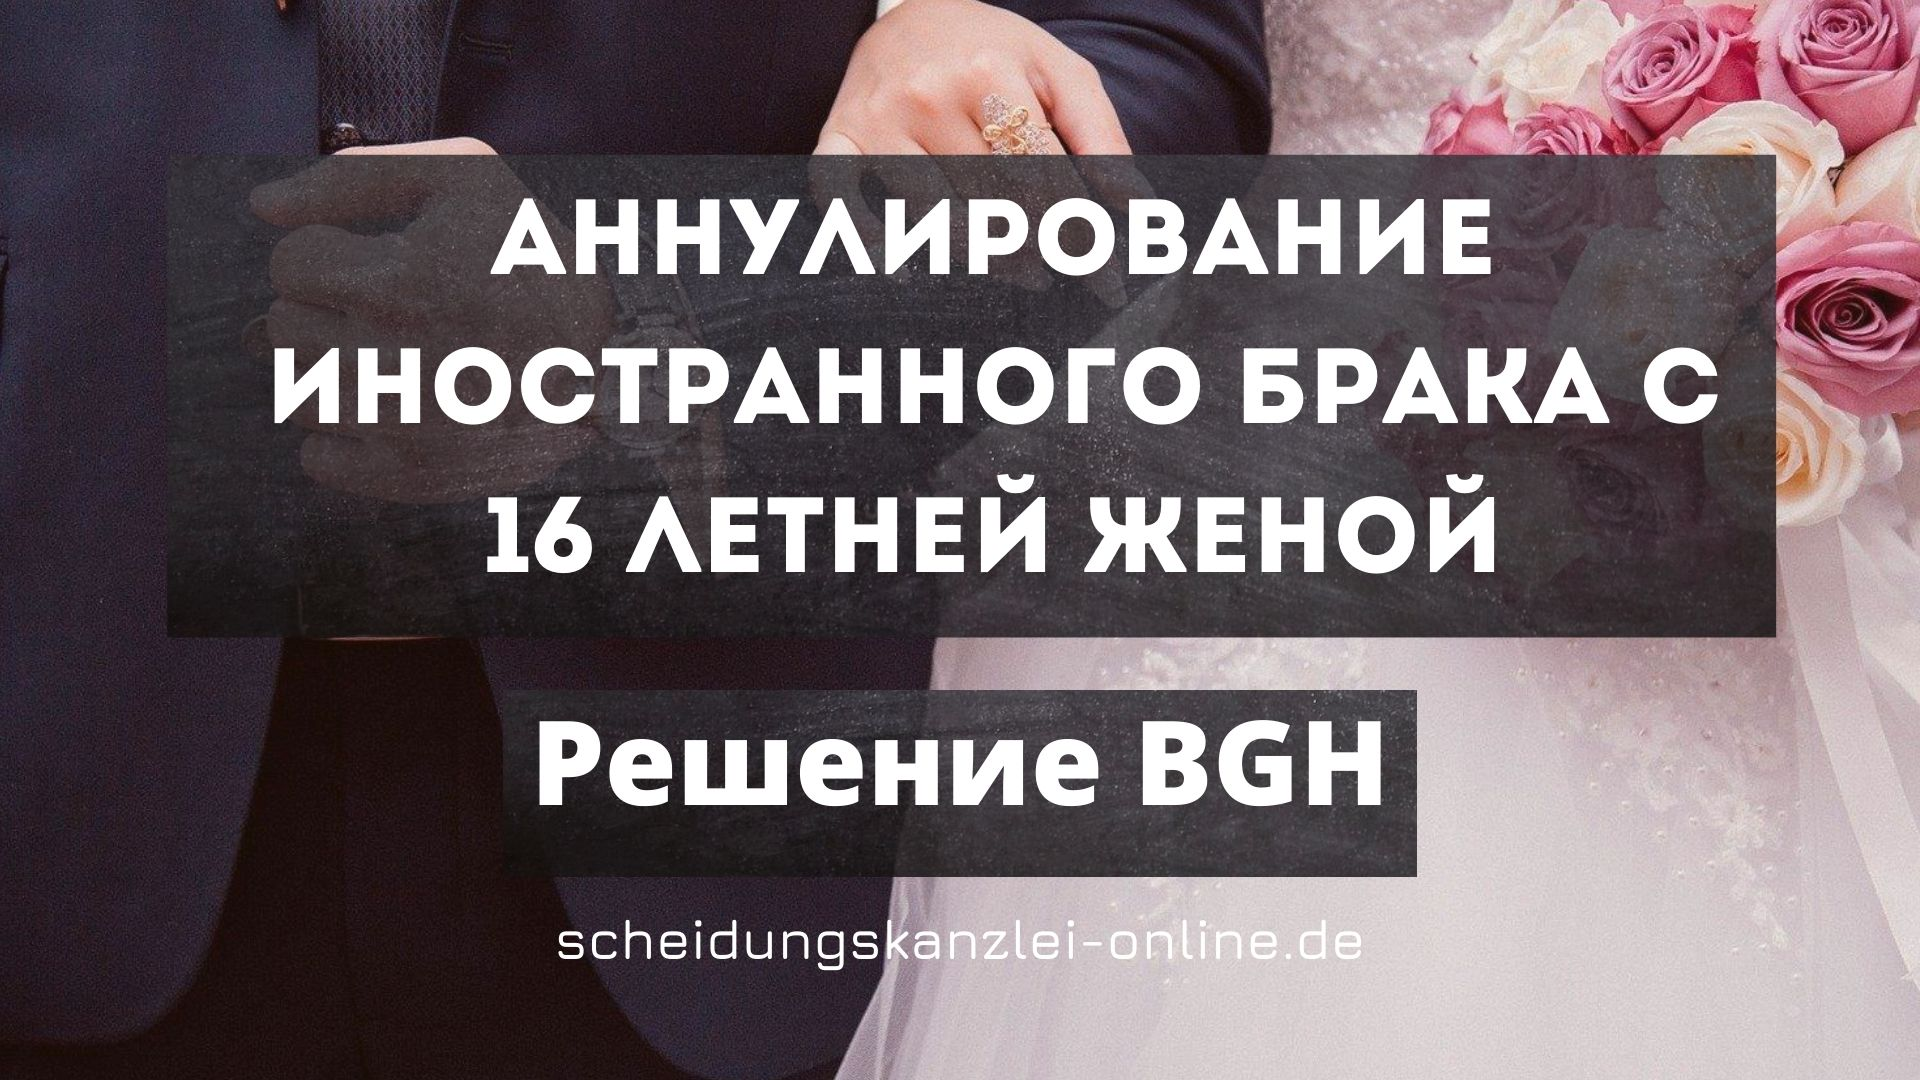 Аннулирование иностранного брака с женой, которой на момент заключения брака исполнилось 16 лет [Решение суда]